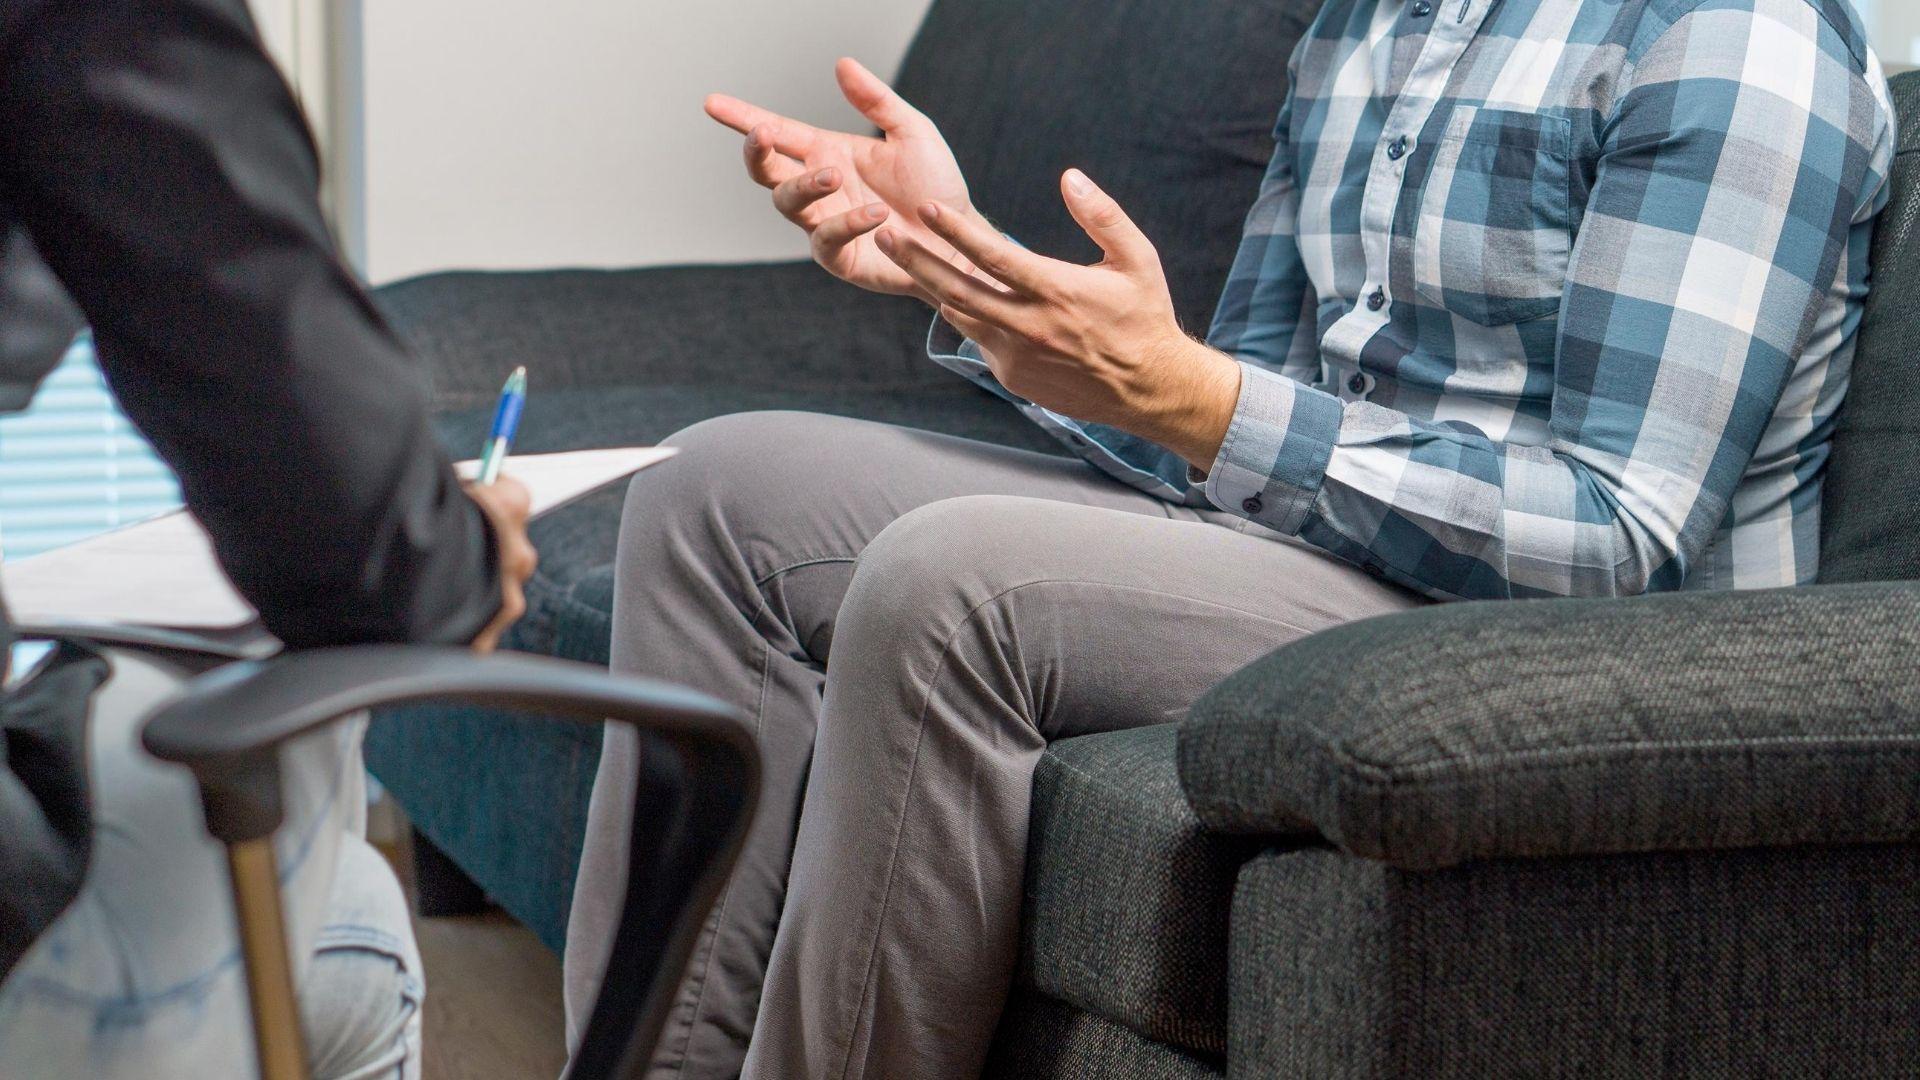 clinica psiquiatrica para dependentes